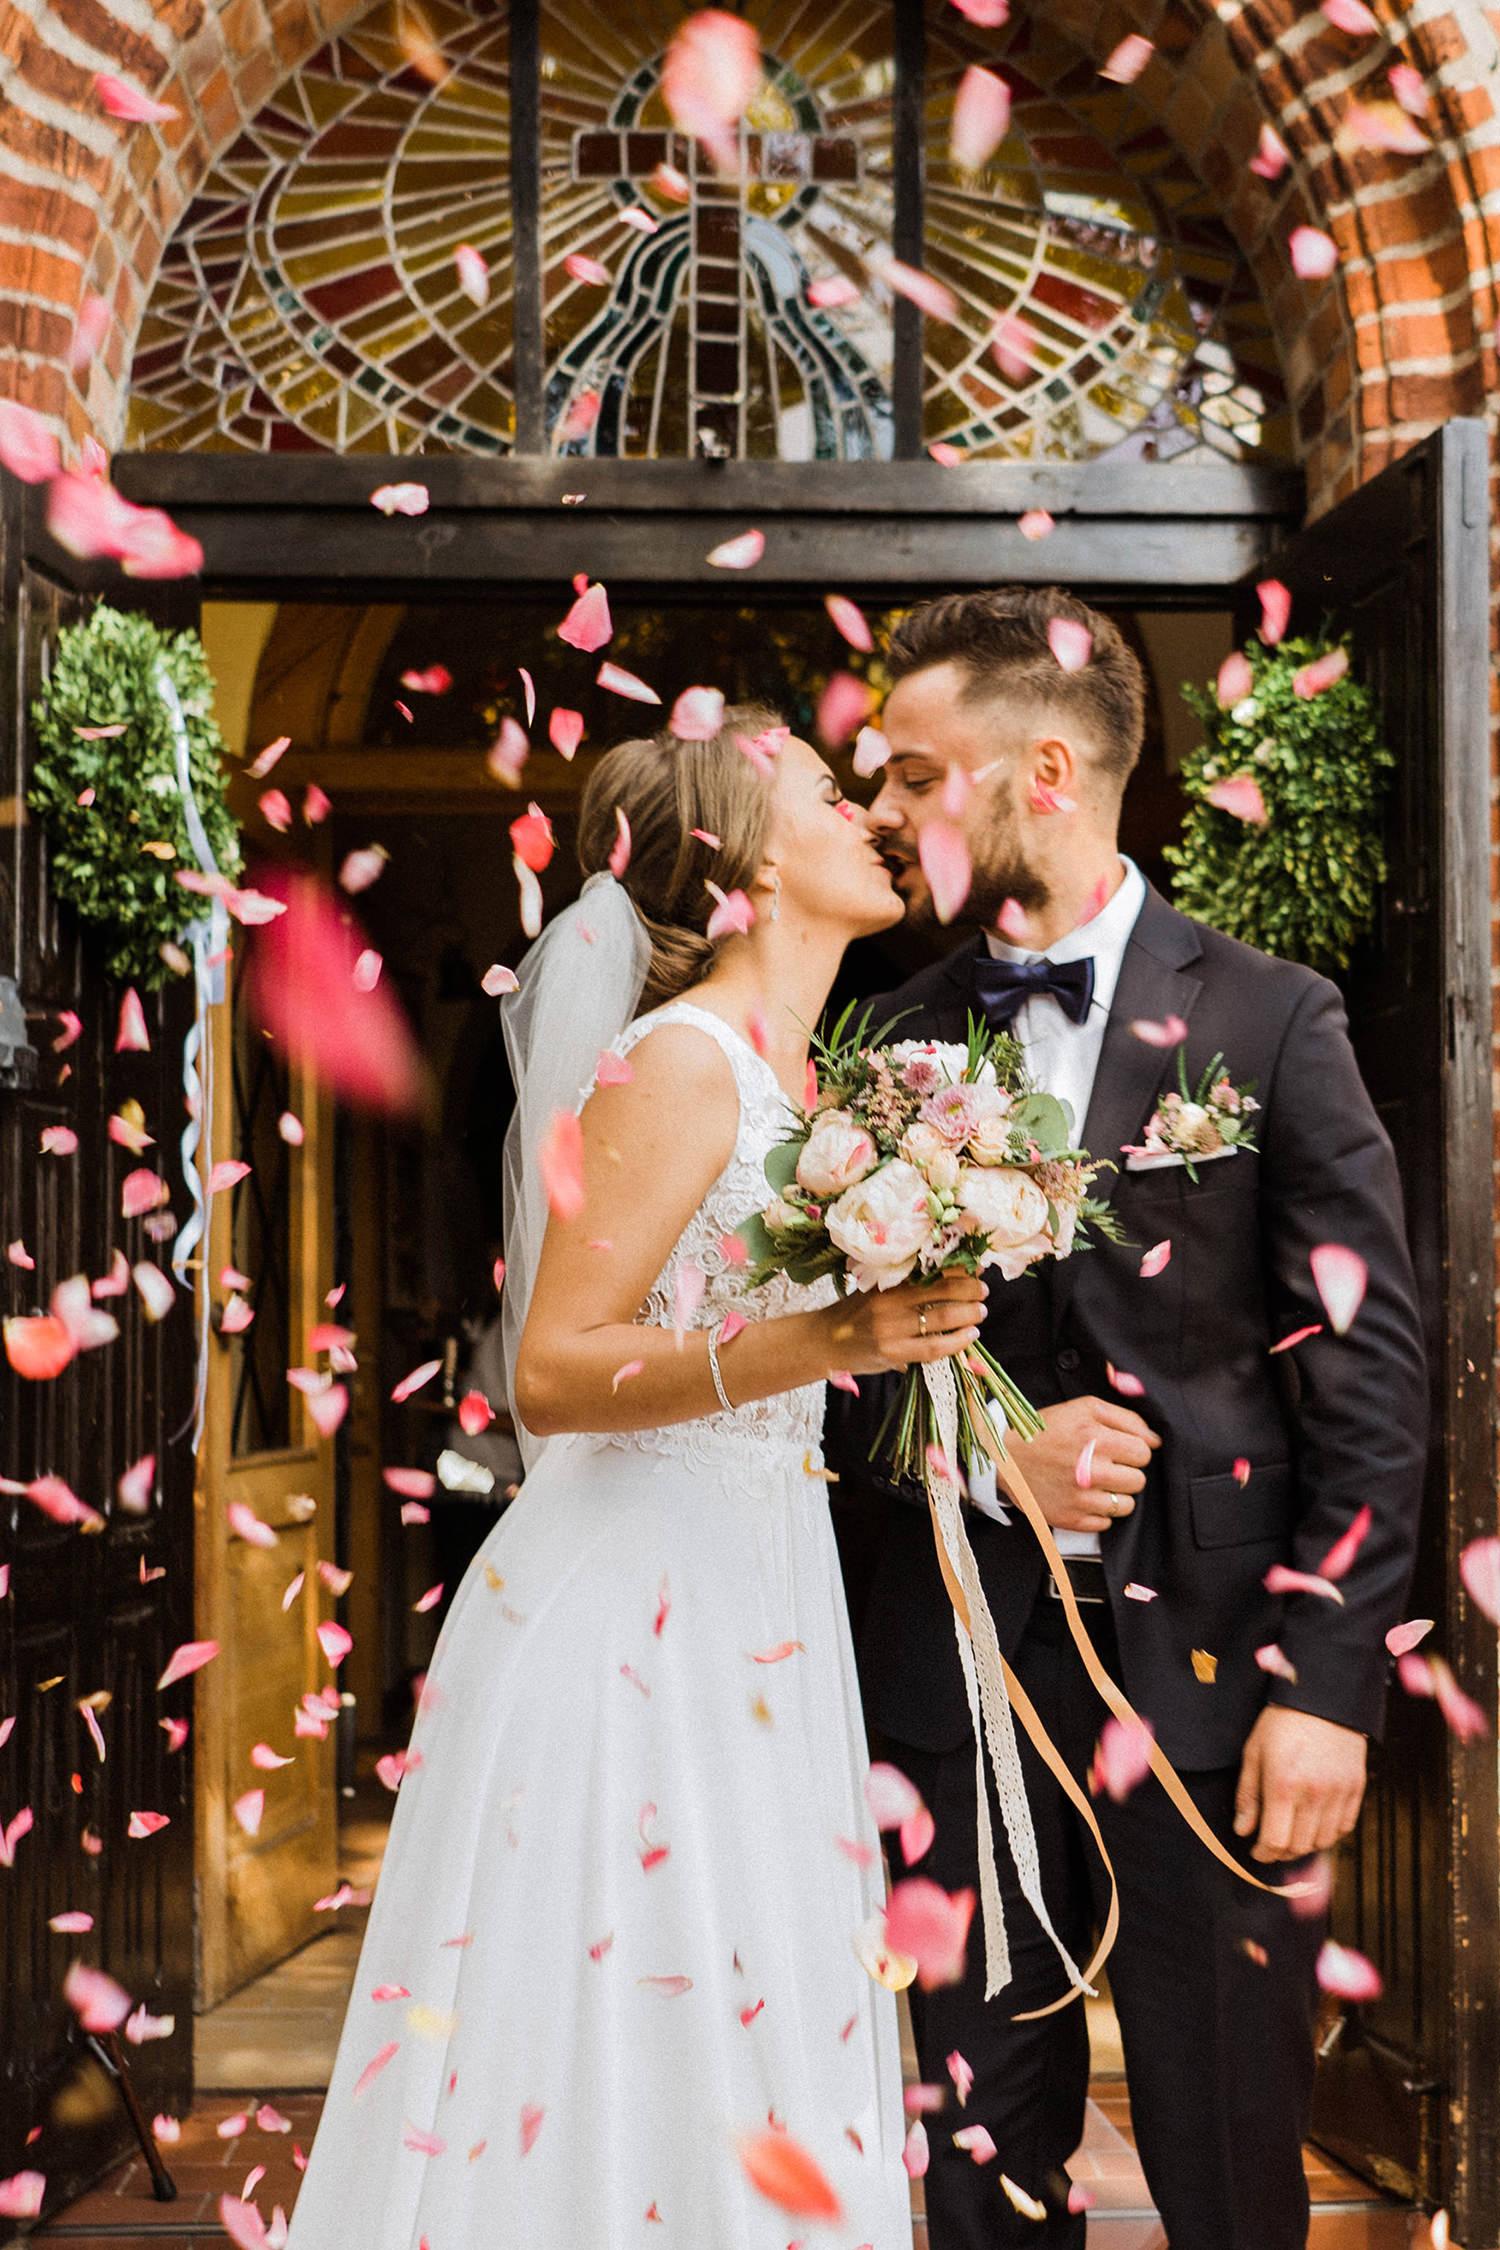 Najlepsze zdjęcia ślubne w 2018 roku 6